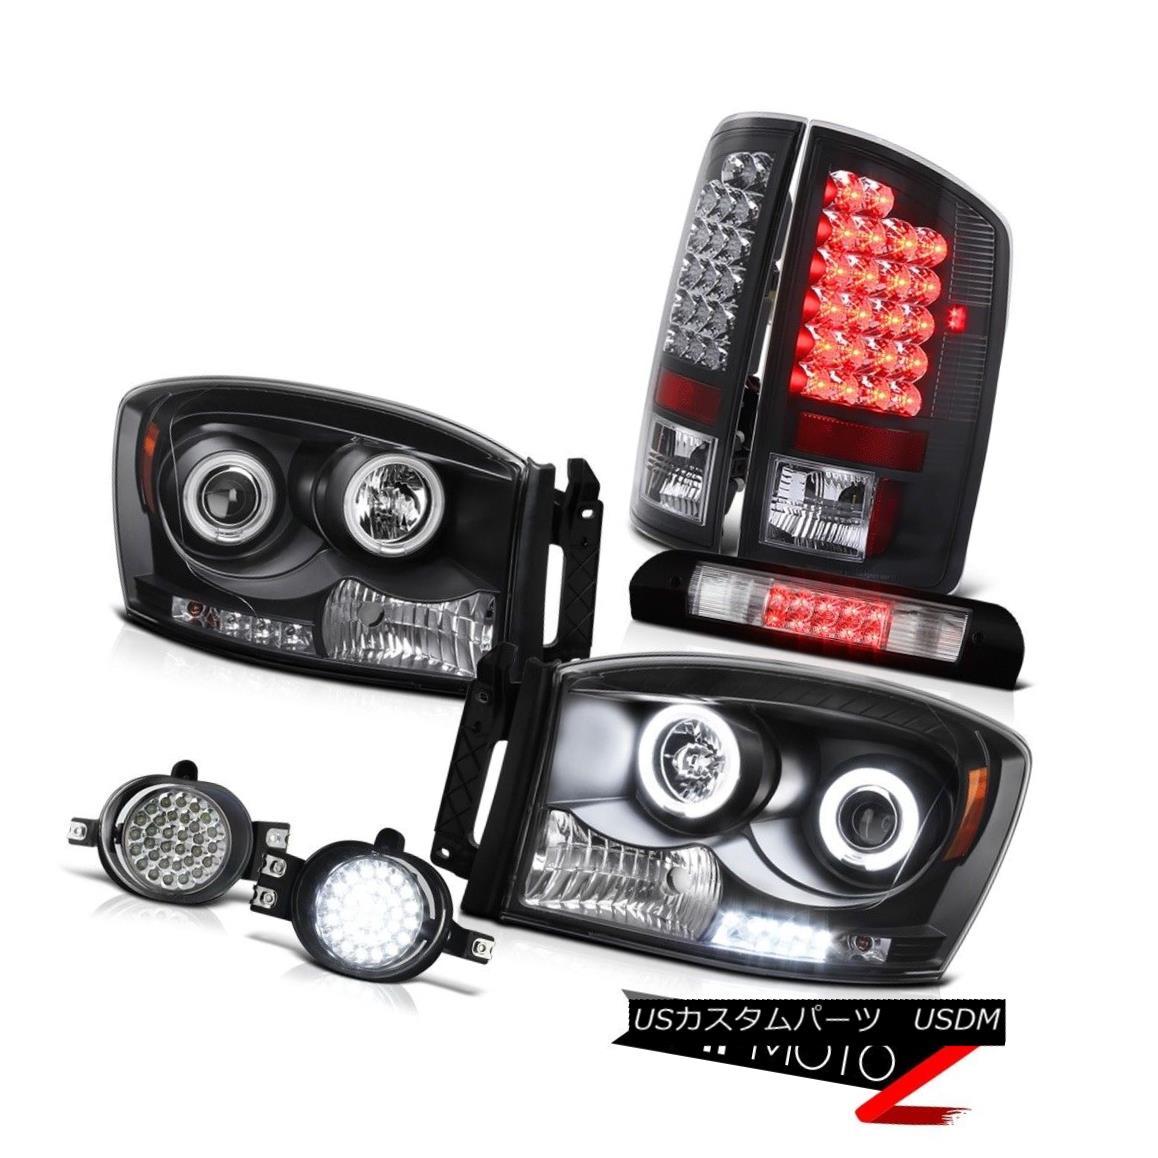 ヘッドライト 07 08 Ram CCFL Halo Headlights Black Brake LED Tail Lights Foglights High Cargo 07 08 Ram CCFL HaloヘッドライトブラックブレーキLEDテールライトFoglights High Cargo